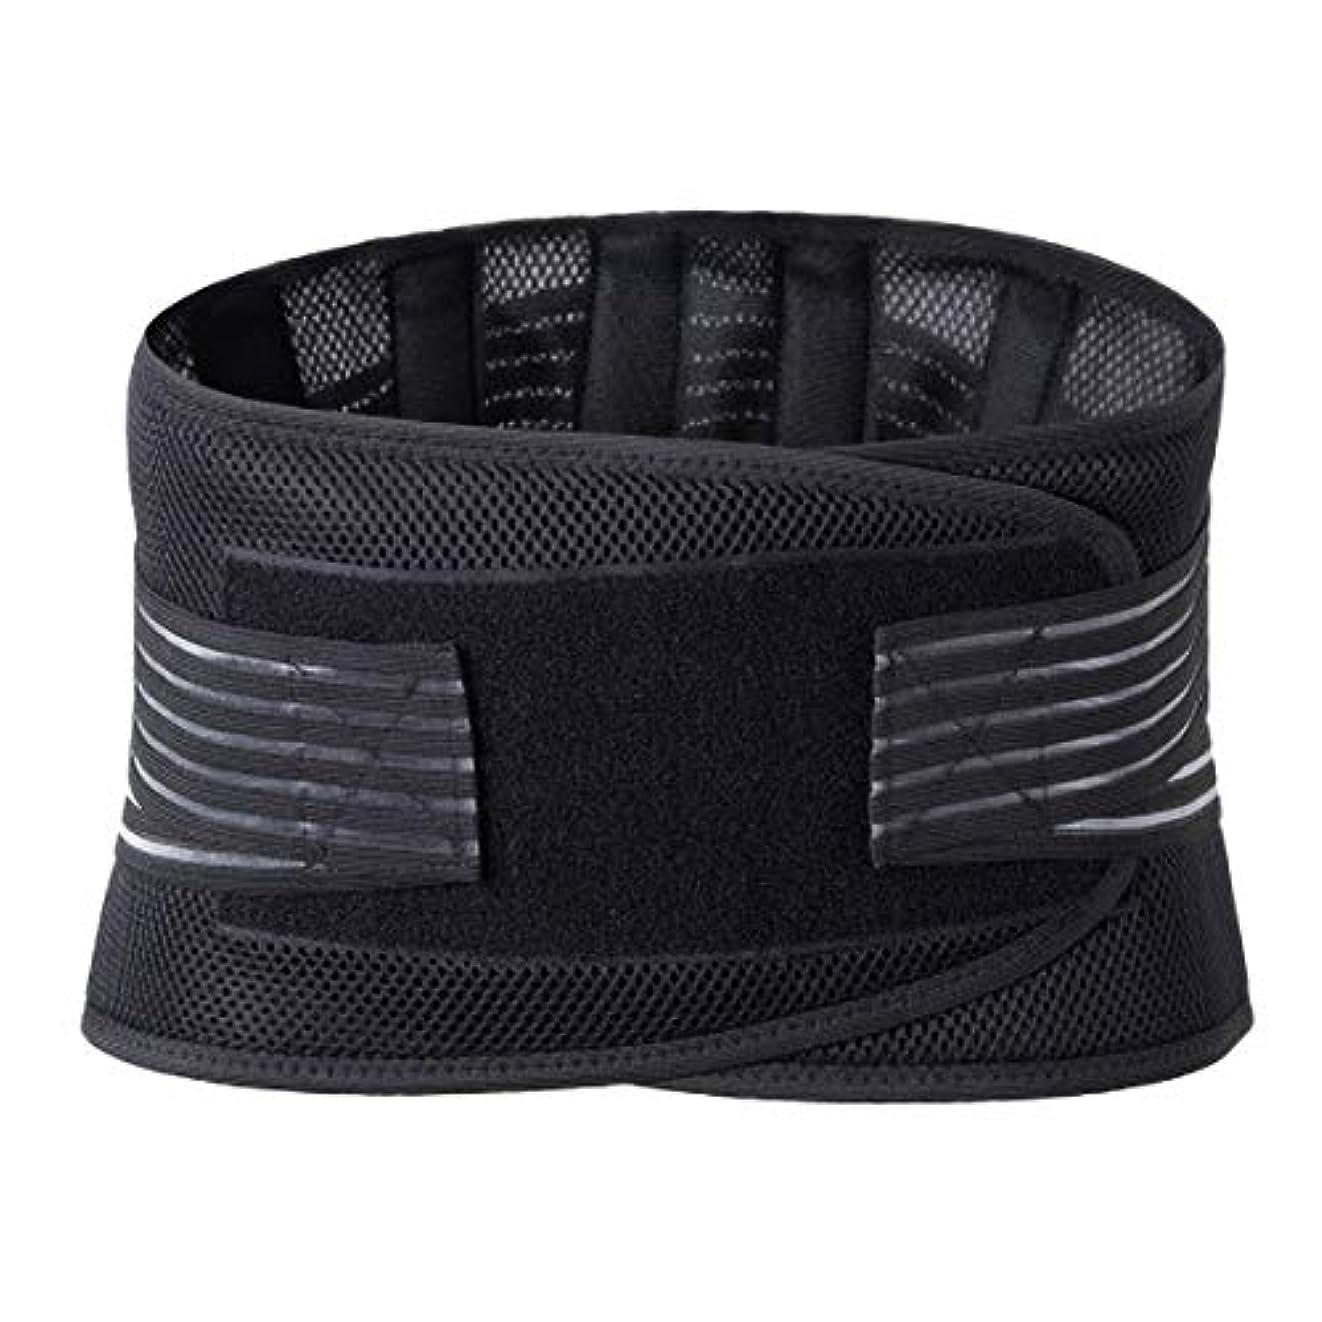 リンク嵐アッティカスランバーウエストサポートバックブレースベルトウエストサポートブレースフィットネススポーツ保護姿勢コレクター再構築 - ブラック